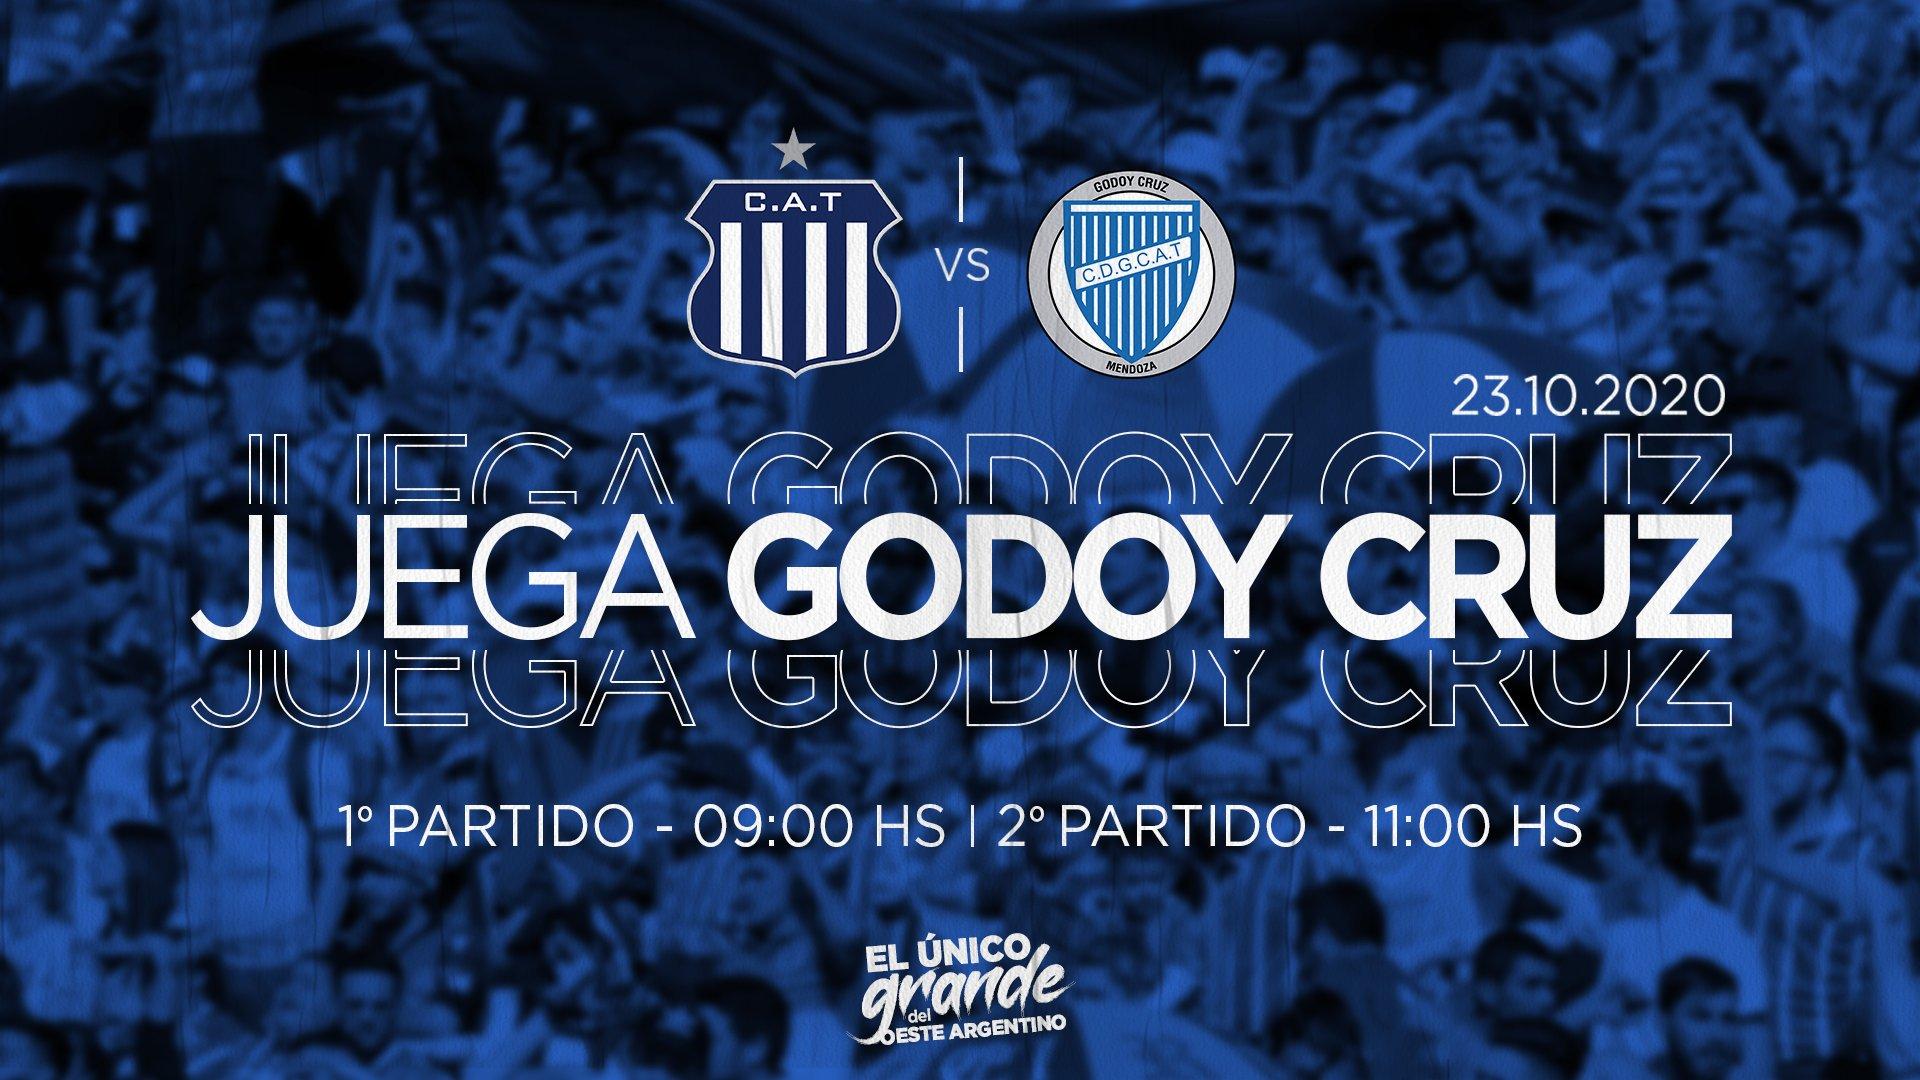 Desde Godoy Cruz celebraron que el partido ante Talleres sea en directo